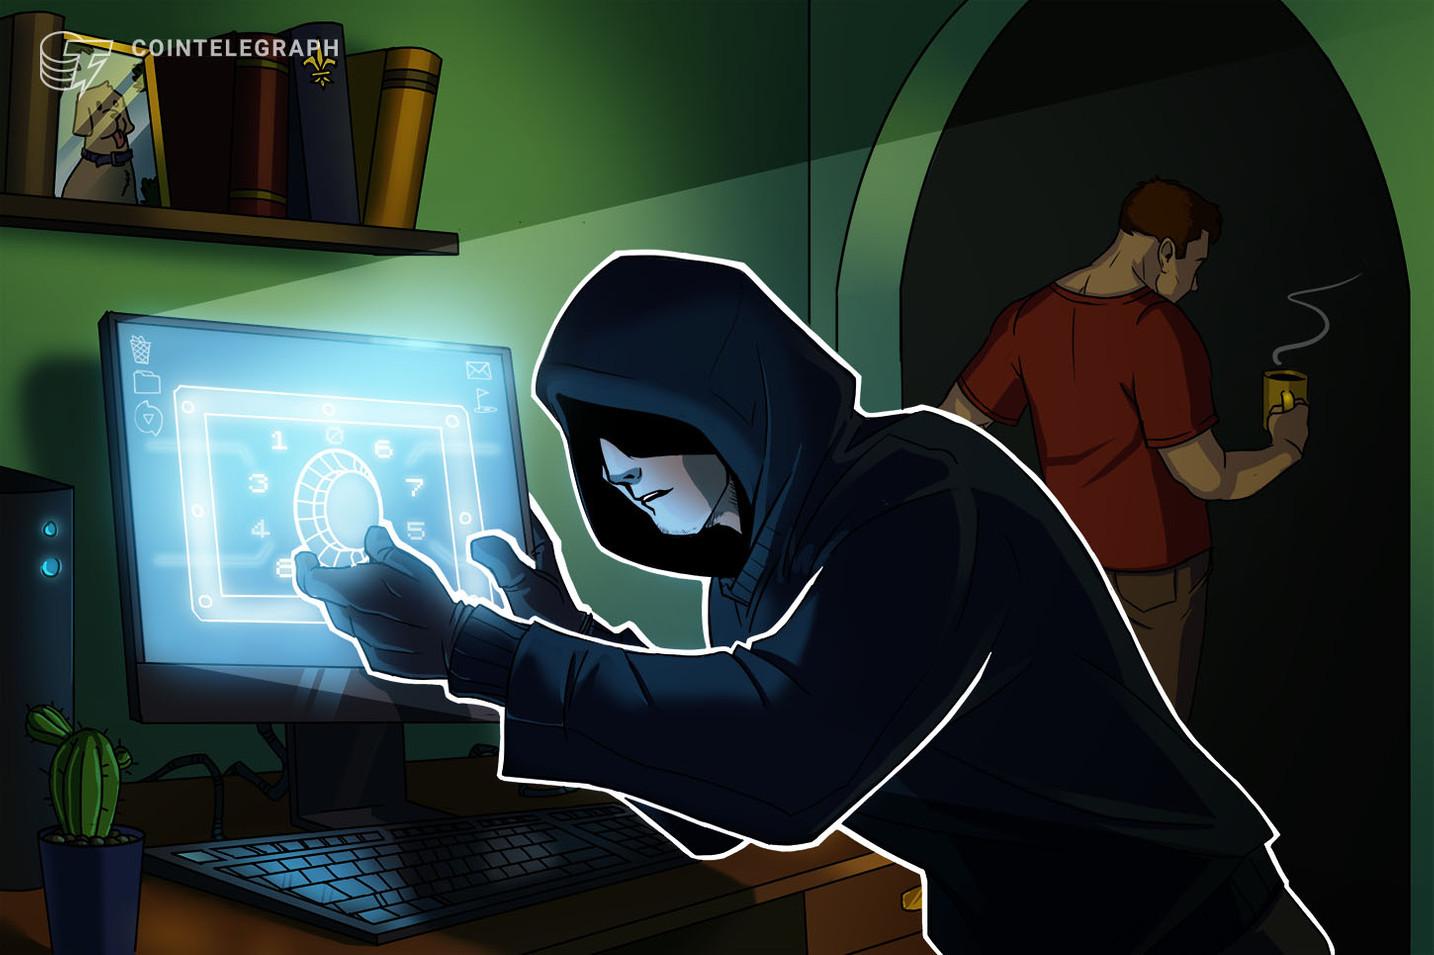 Investigadores descubren nuevo troyano enfocado en criptomonedas